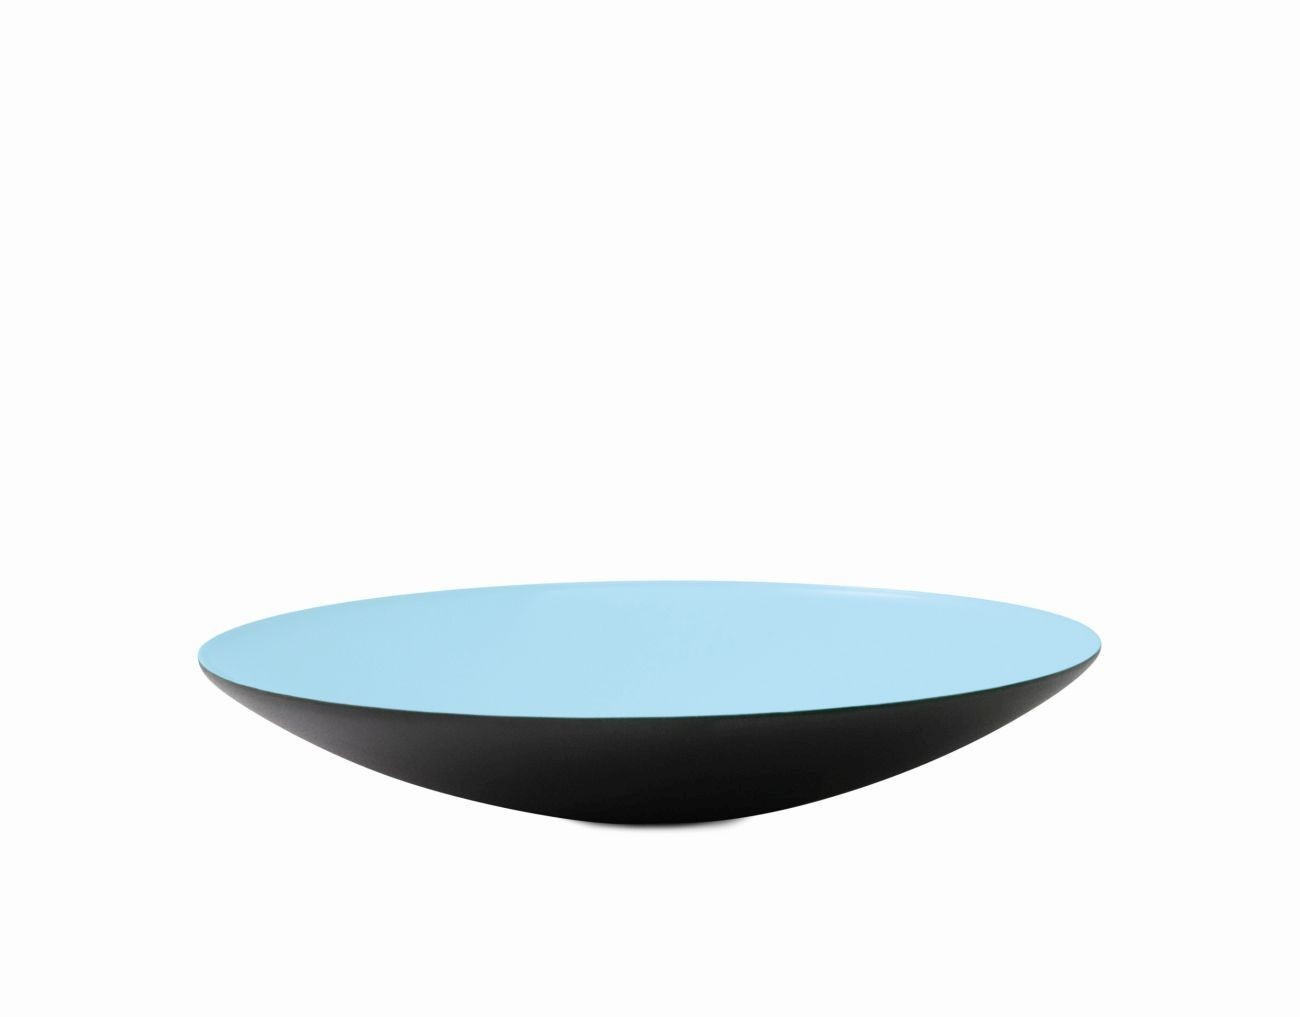 normann copenhagen krenit schale flach online kaufen bei. Black Bedroom Furniture Sets. Home Design Ideas